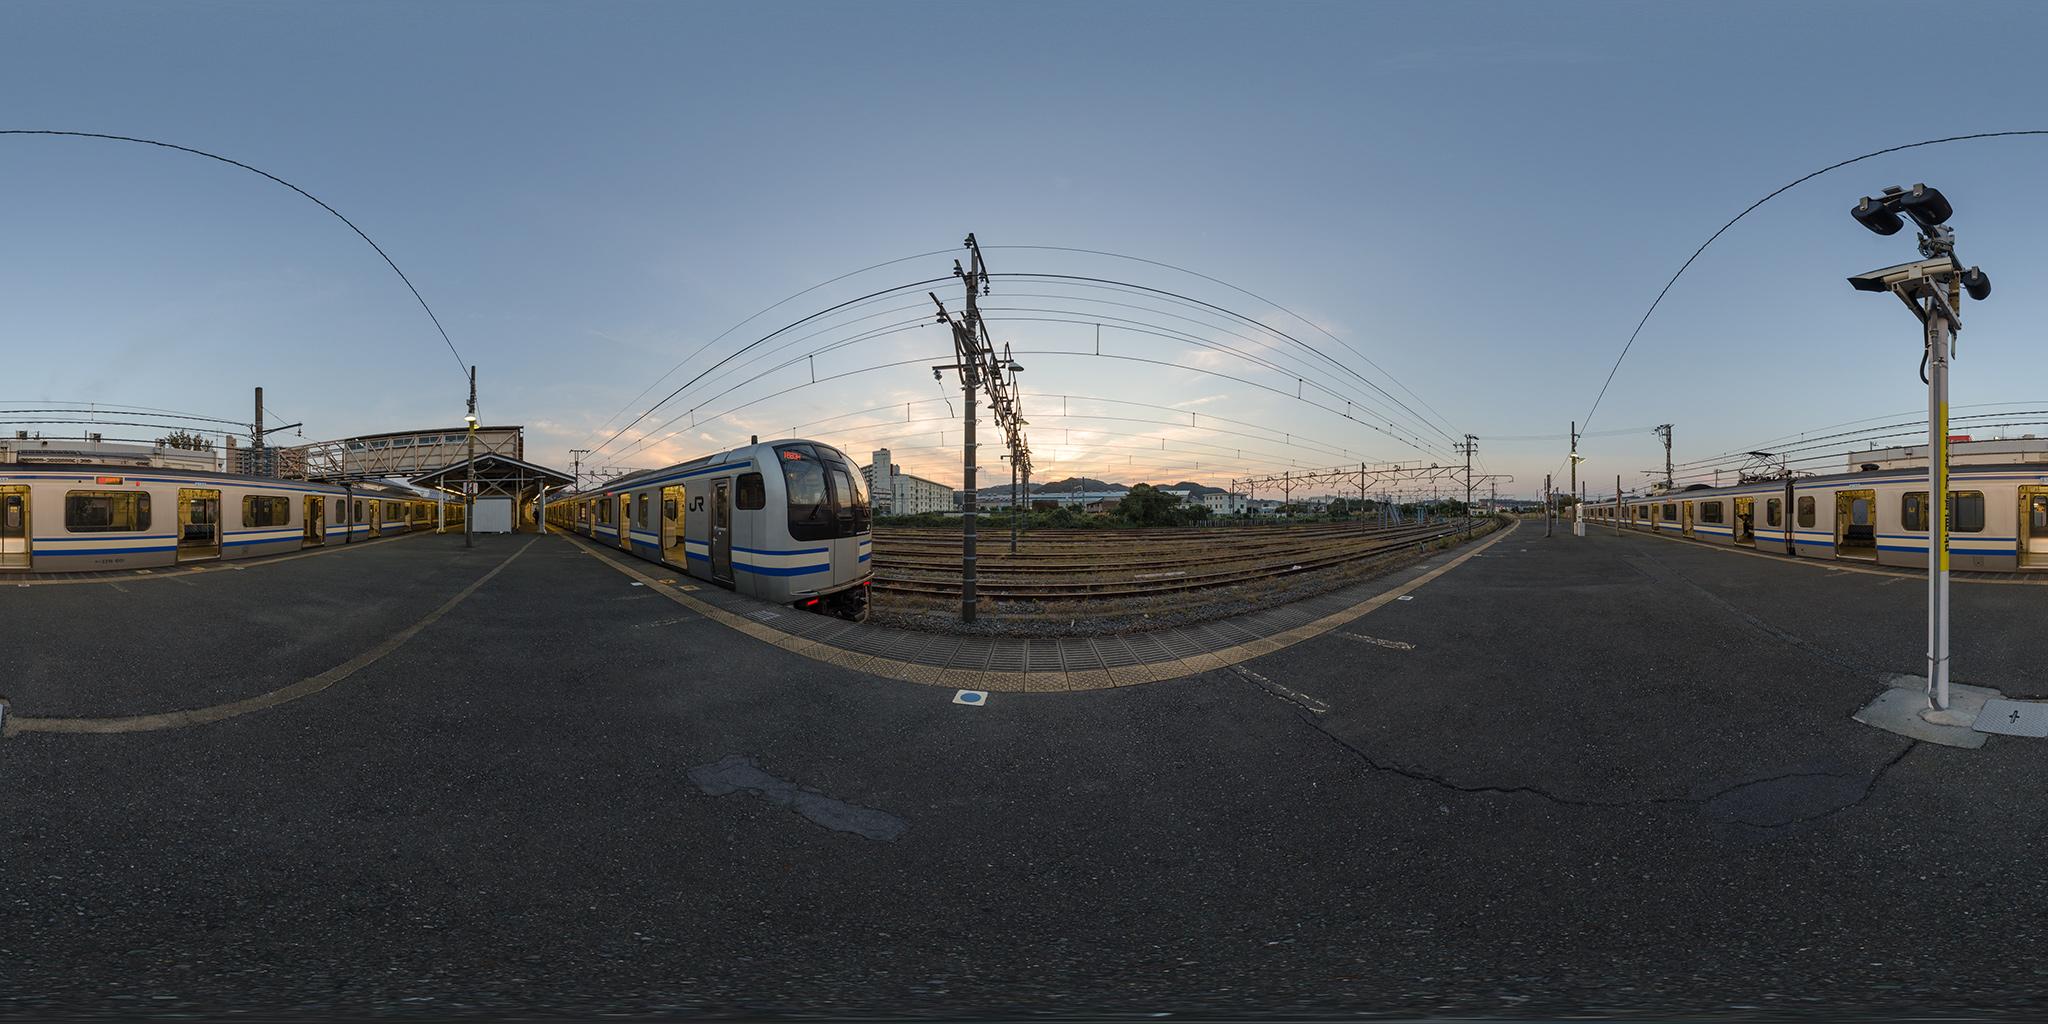 横須賀線の終着駅。E217系が並ぶ